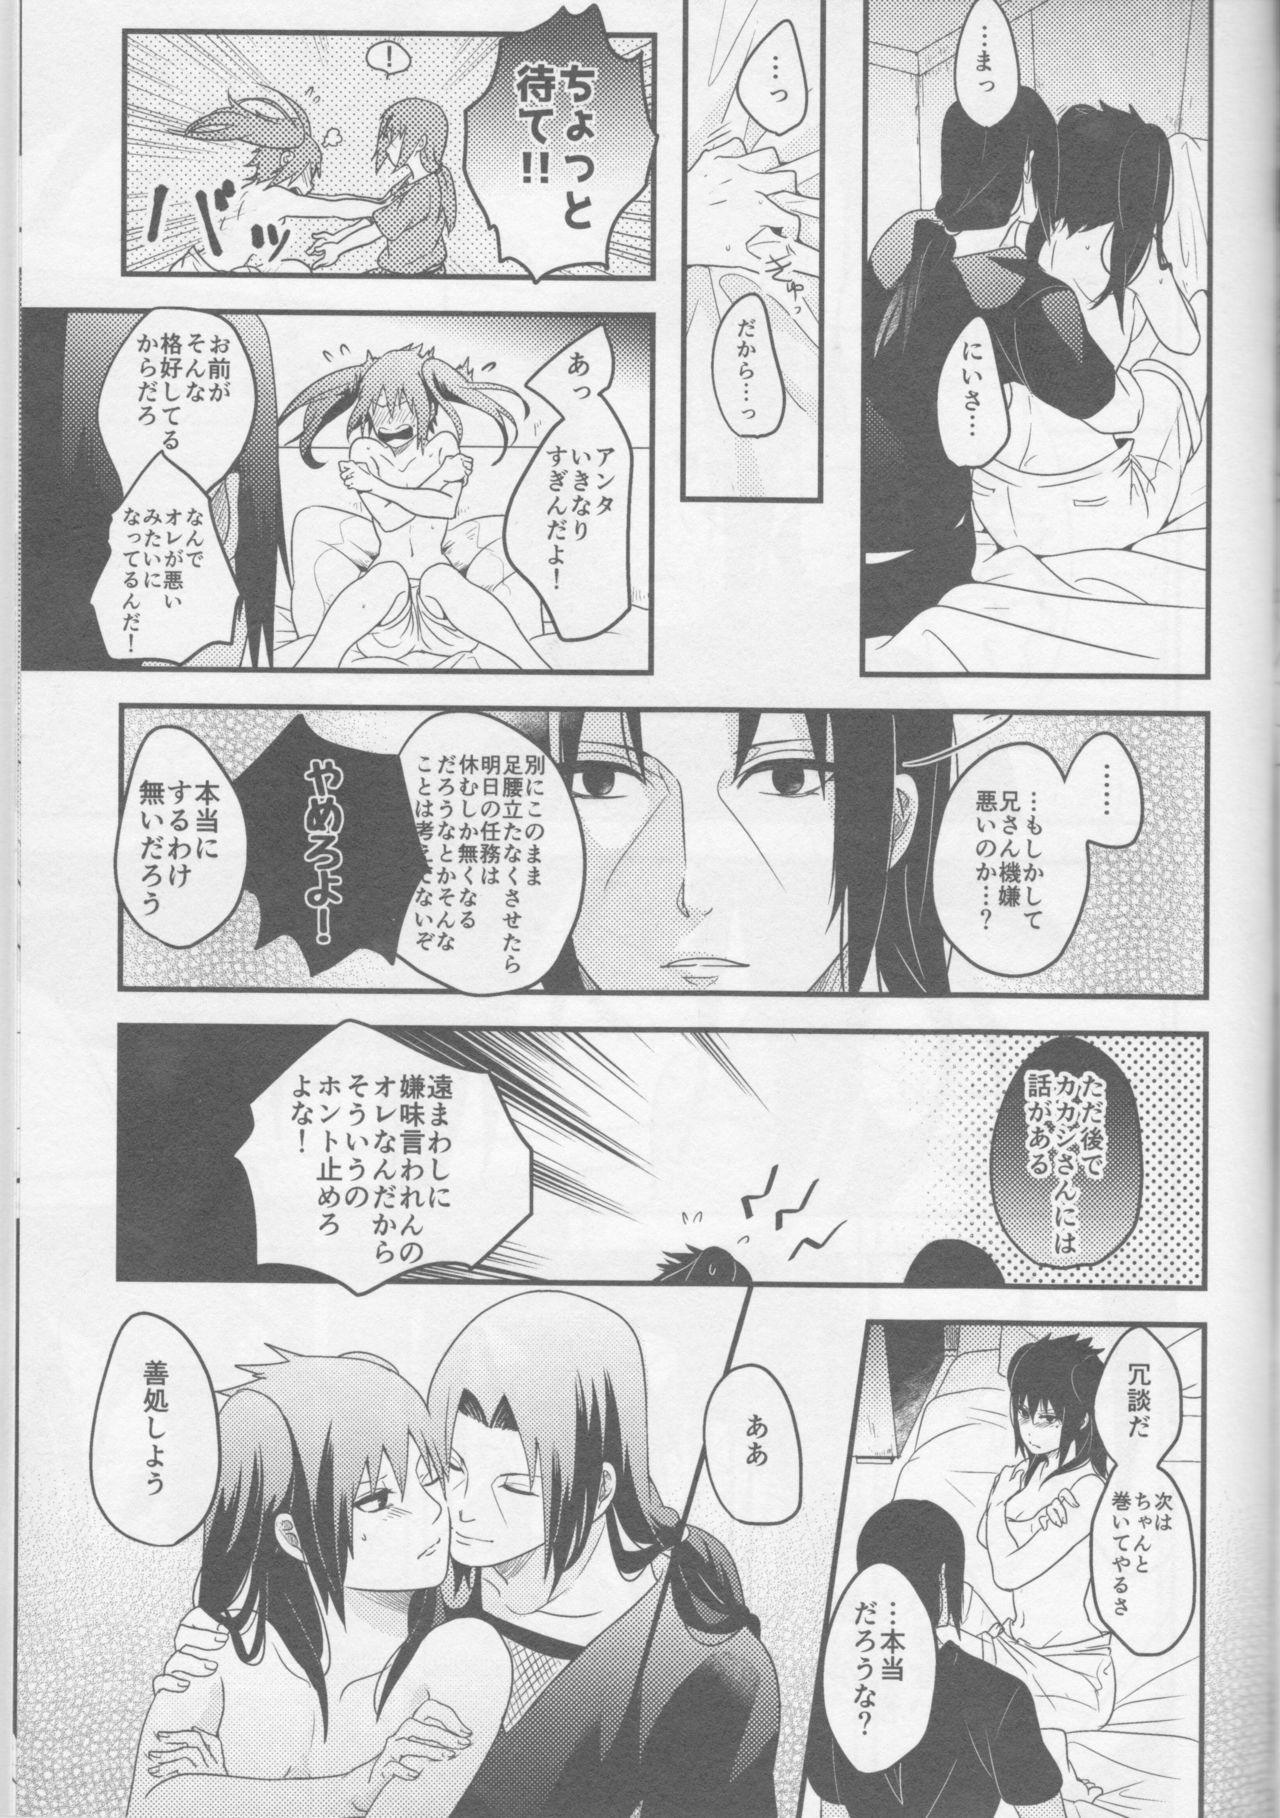 Ore o Konnafuuni Saseta no wa Nii-san Nanda zo 17